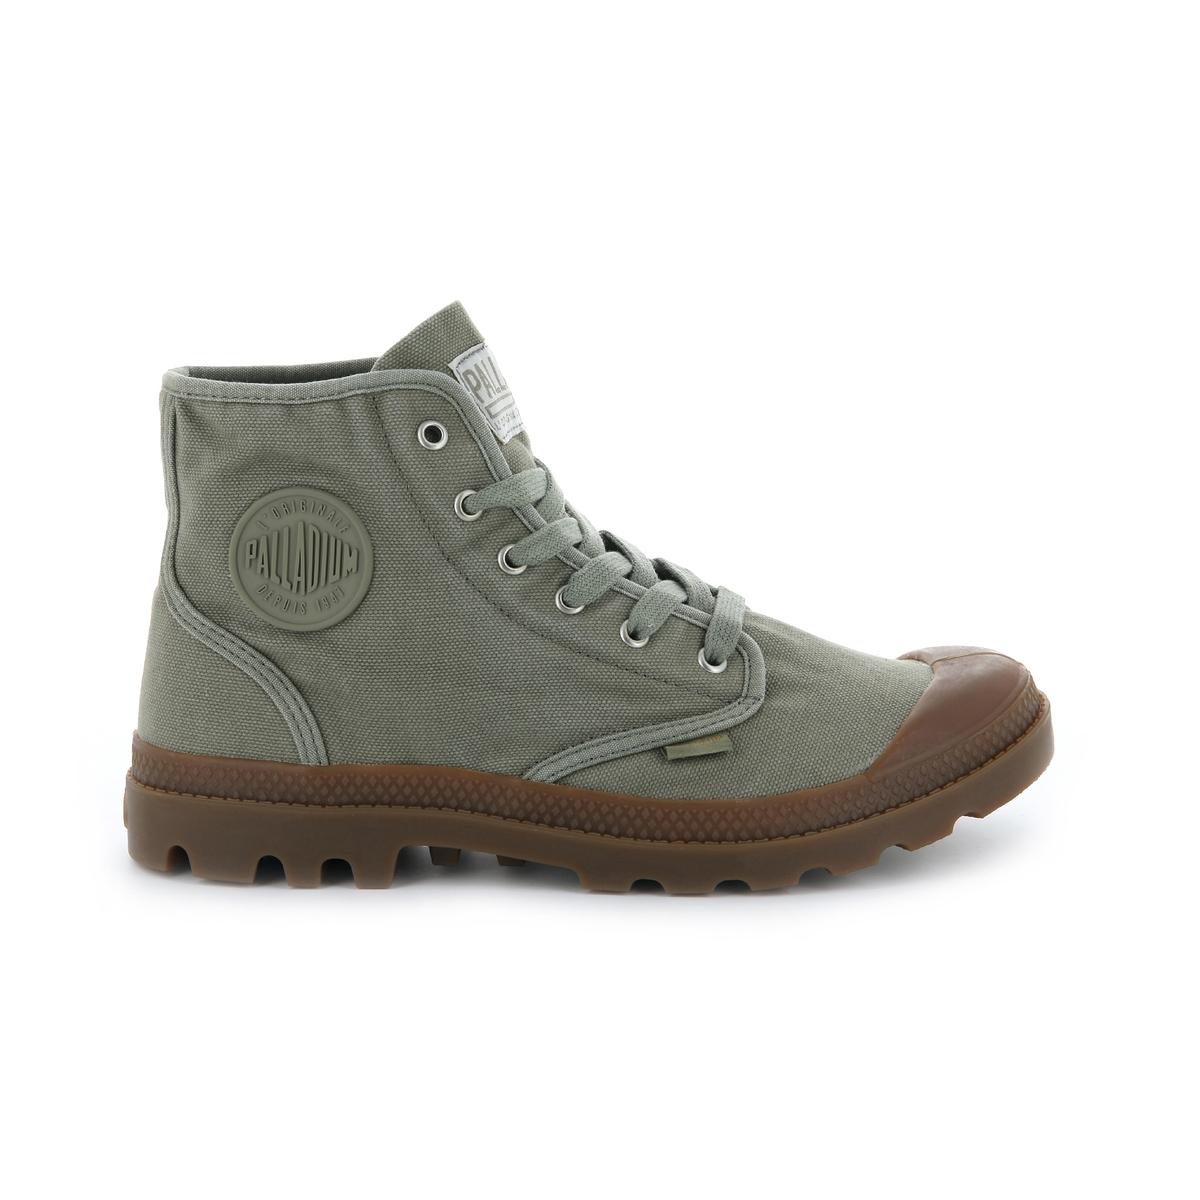 Кеды высокие Us Pampa HighОписание:Детали •  Кеды высокие •  Спортивный стиль •  Плоский каблук •  Высота каблука : 2,5 см •  Застежка : шнуровка •  Гладкая отделкаСостав и уход •  Верх/Голенище : 100% текстиль •  Подкладка : 100% хлопок •  Стелька : 100% хлопок •  Подошва : 100% каучук<br><br>Цвет: зеленый хаки<br>Размер: 40.43.42.41